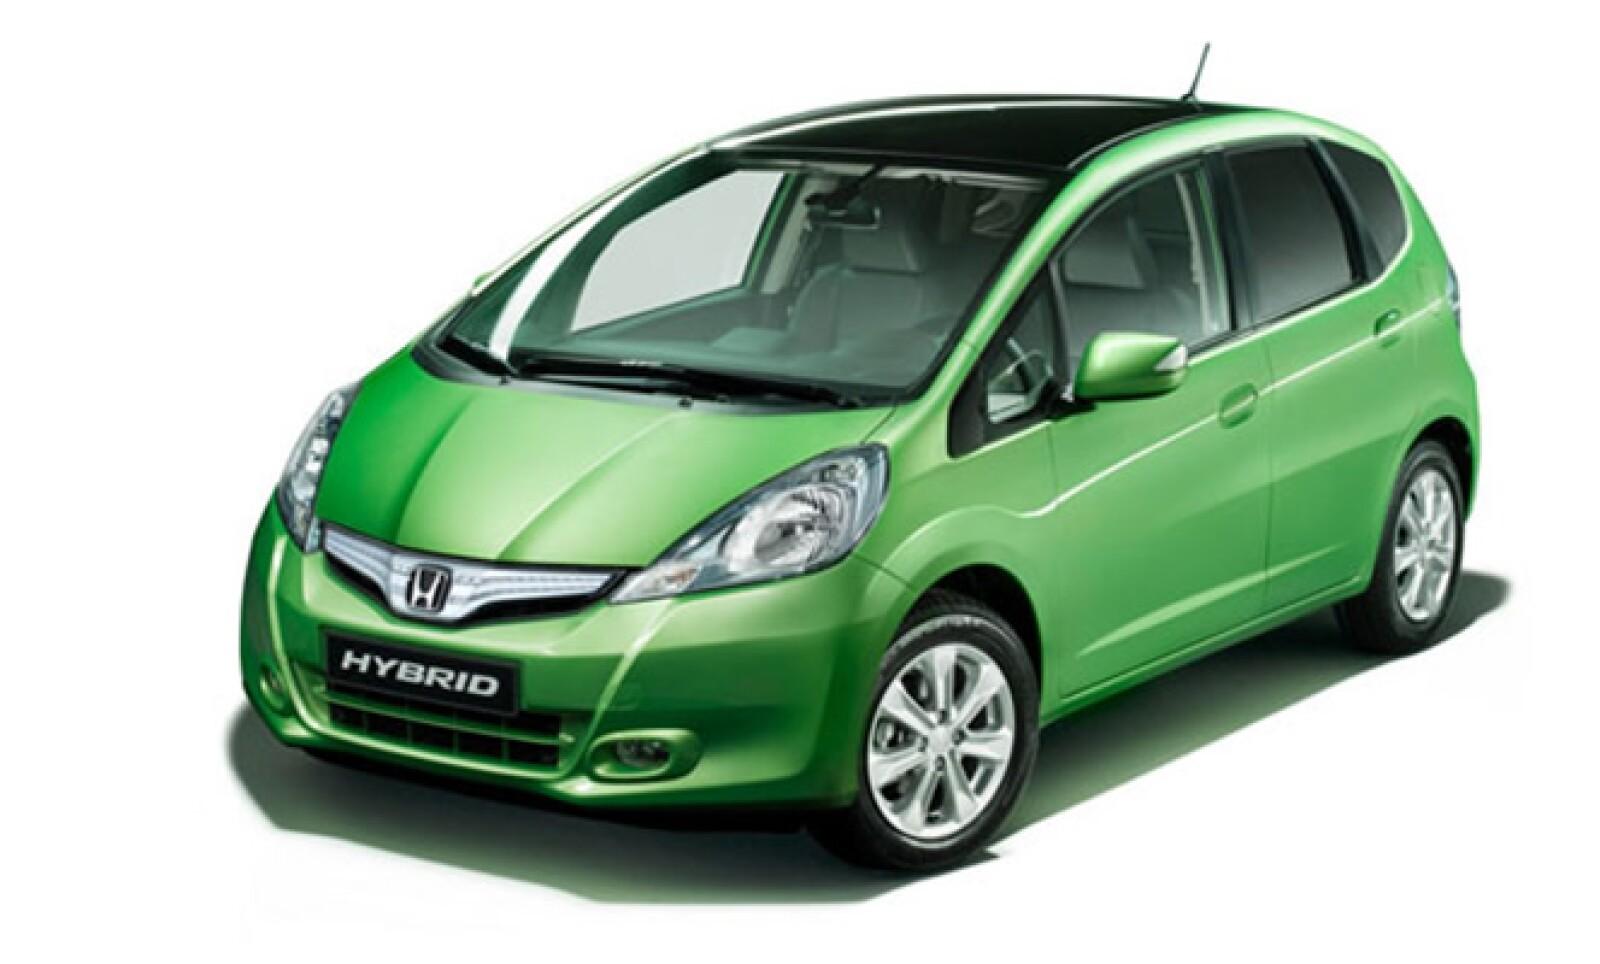 El Honda Fit, o como se le conoce en Europa, el Jazz, estrena motorización híbrida para una producción menor de gases contaminantes y consumo de combustible. Estéticamente, difiere del normal por unos faros nuevos, parrilla, calaveras transparentes, escap